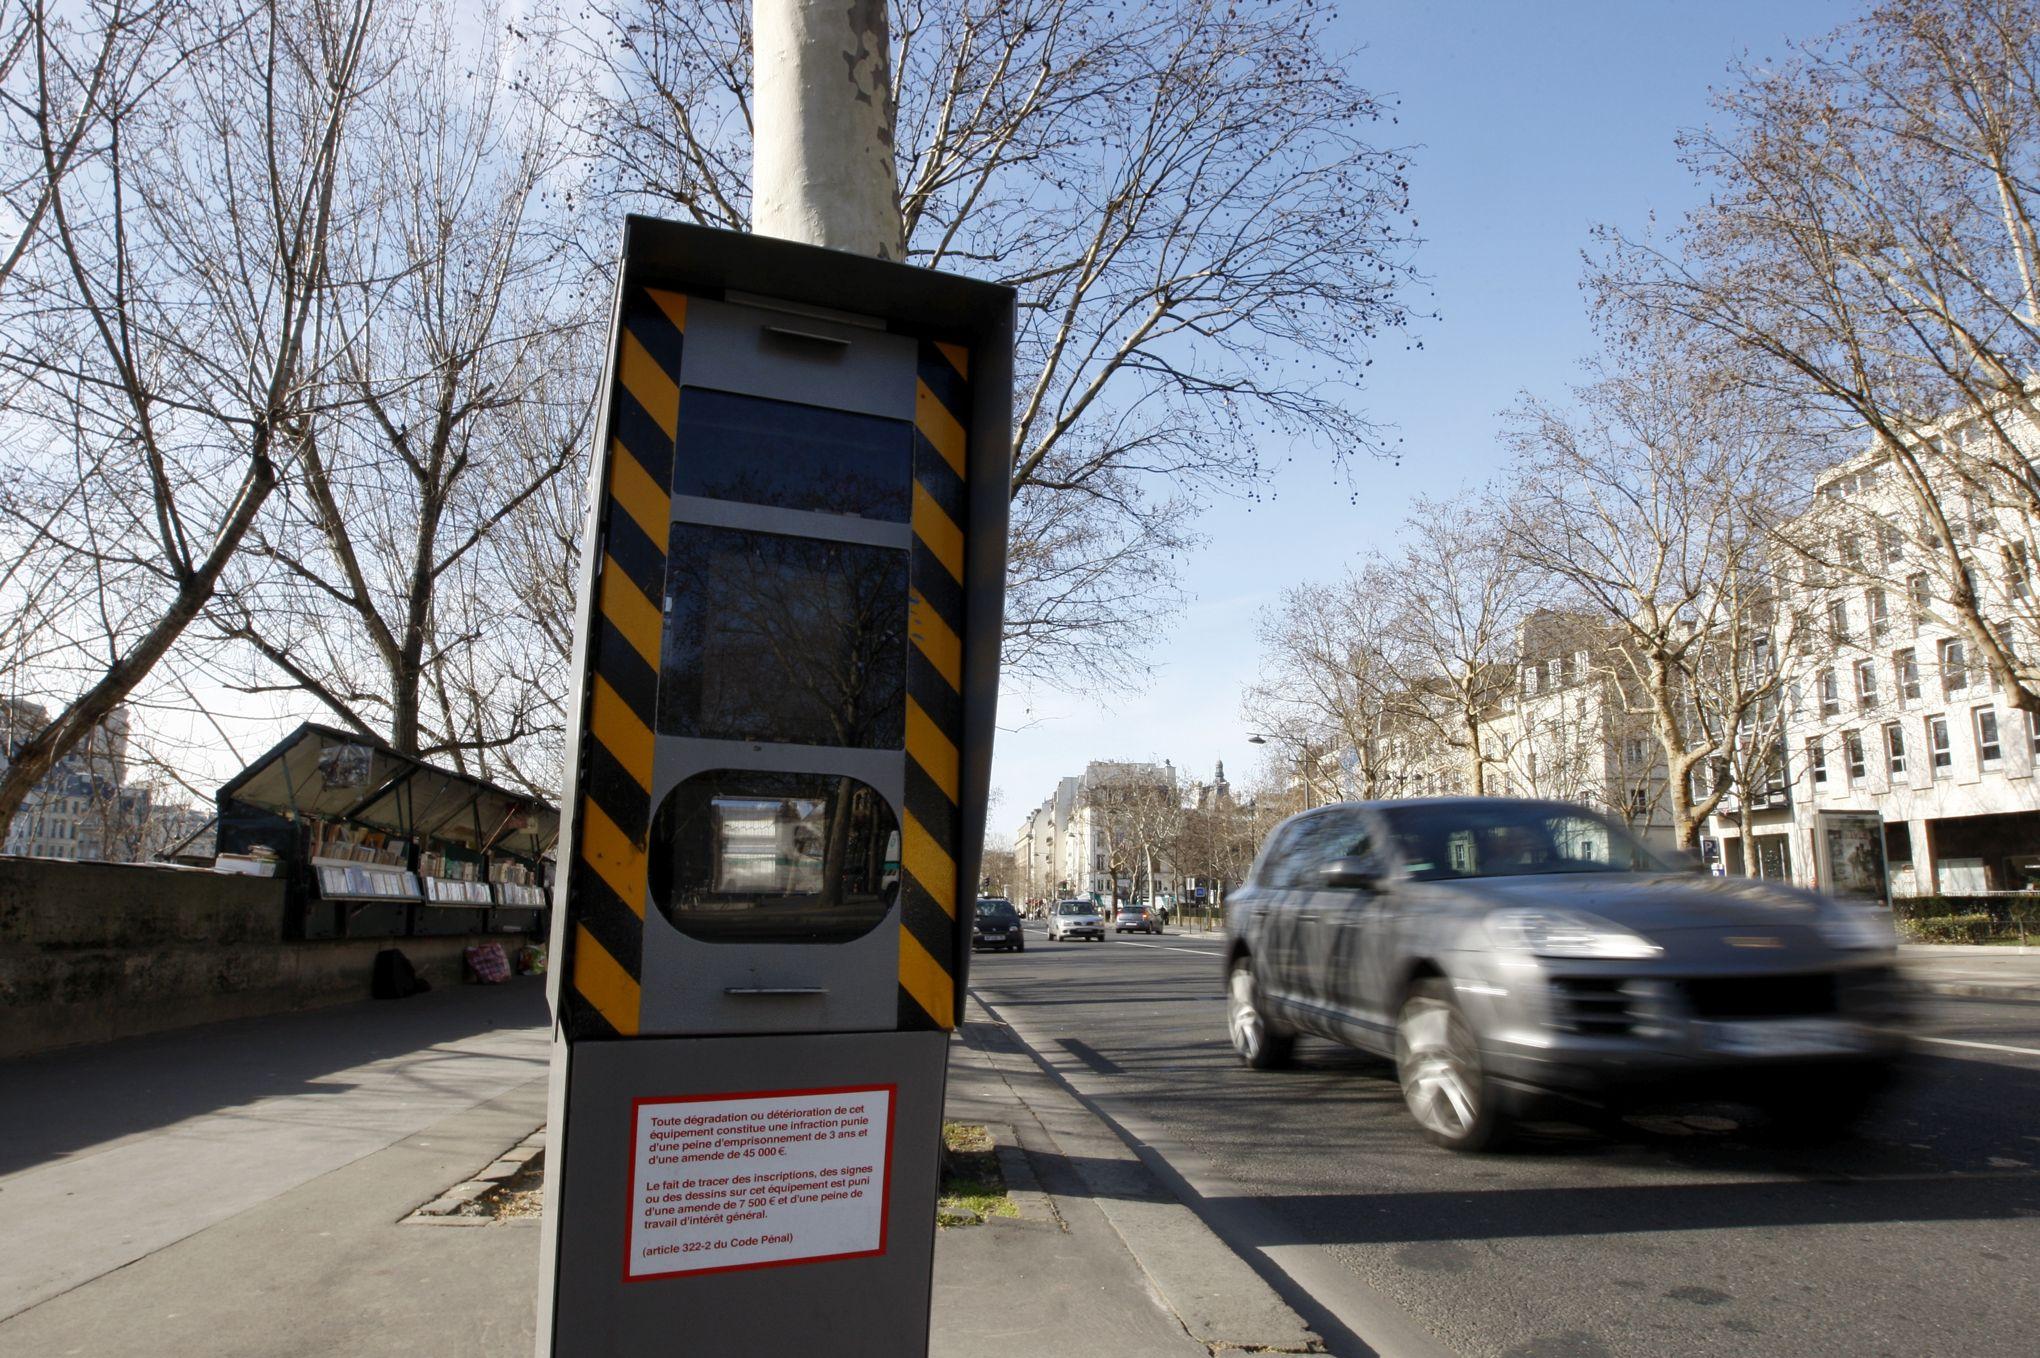 les infractions au code de la route ont rapport 1 7 milliard d 39 euros l 39 tat en 2015. Black Bedroom Furniture Sets. Home Design Ideas